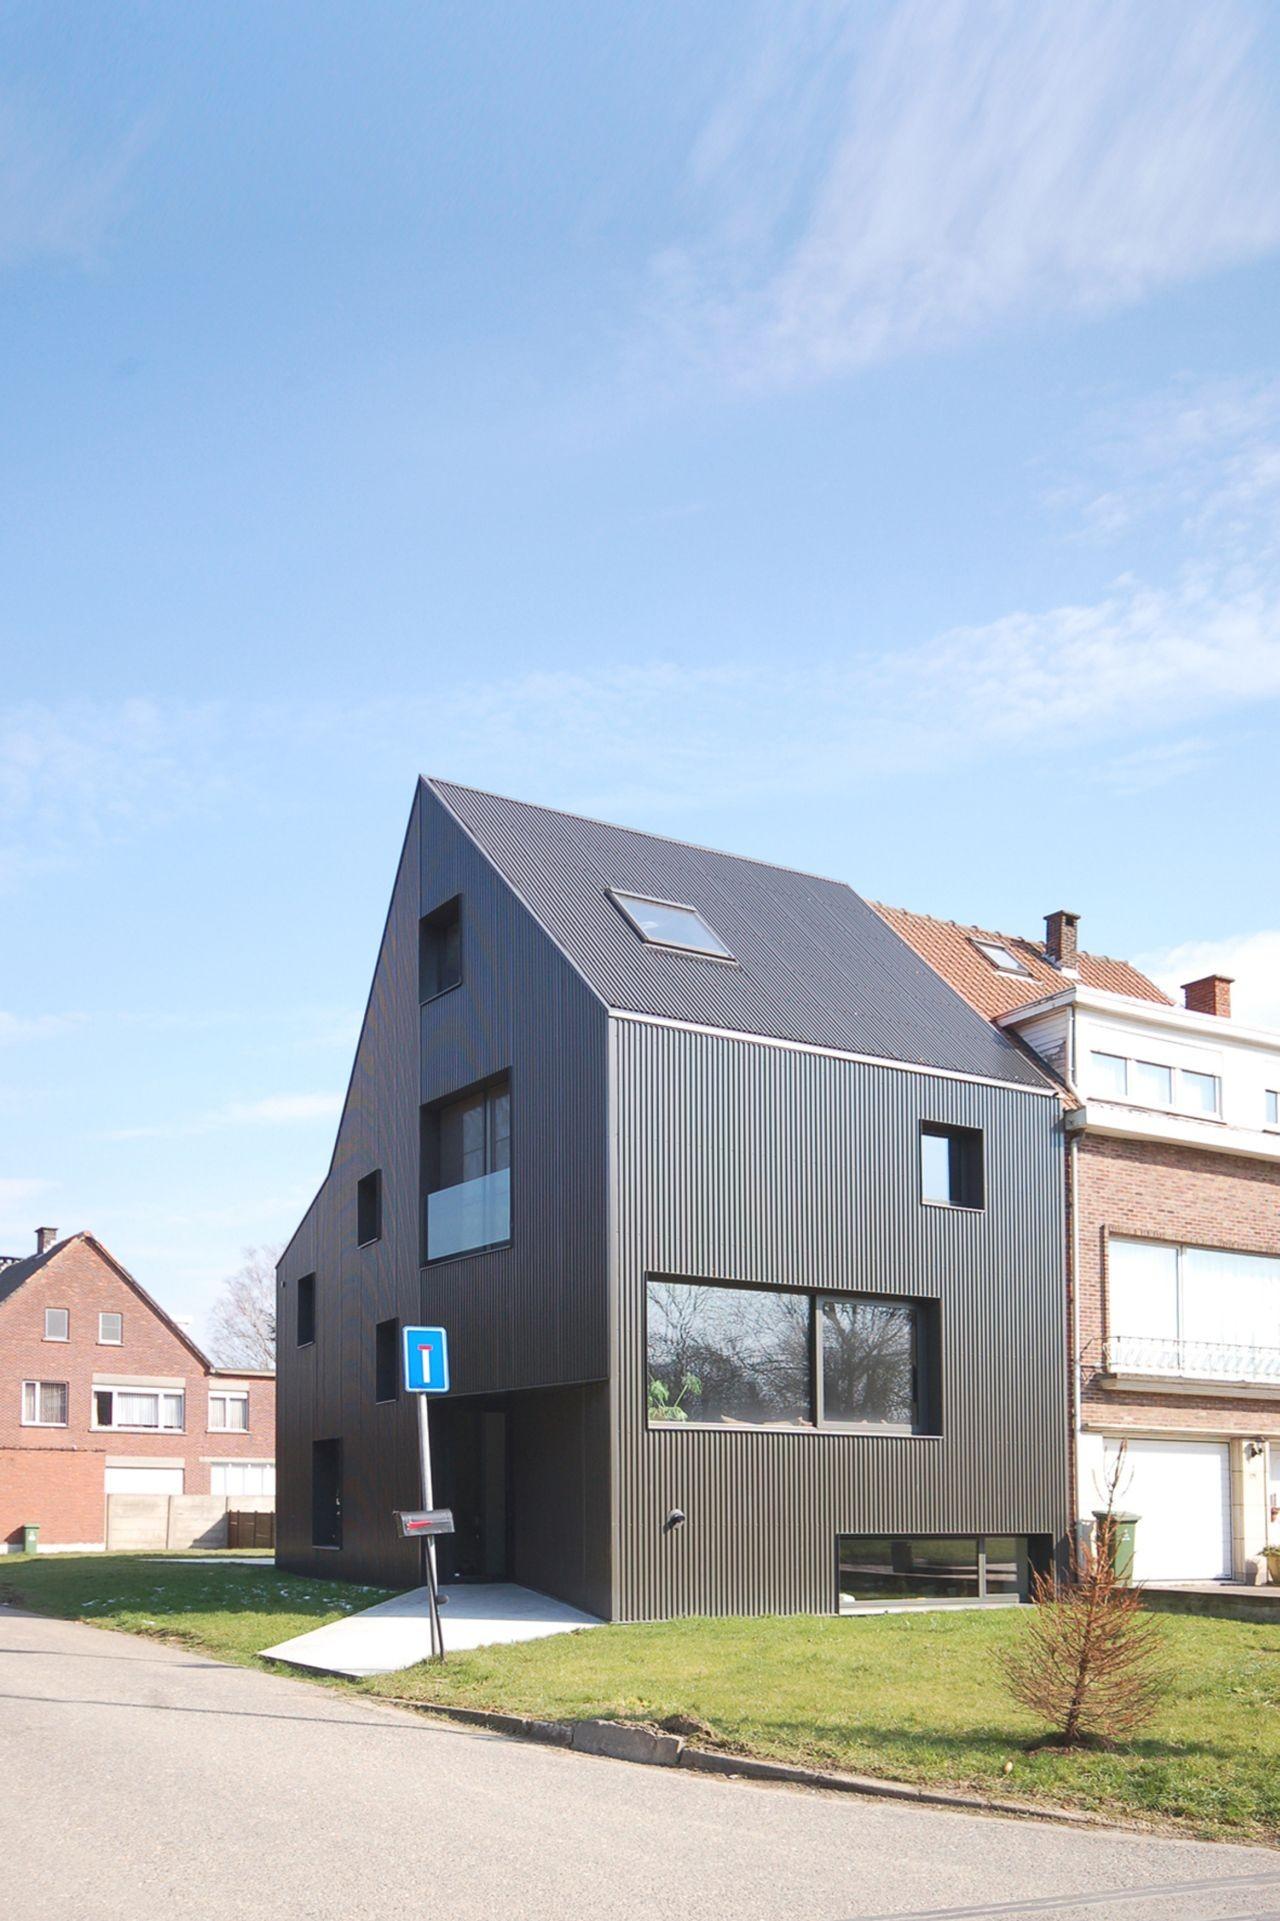 Vivienda en Wilrijk / Areal Architecten